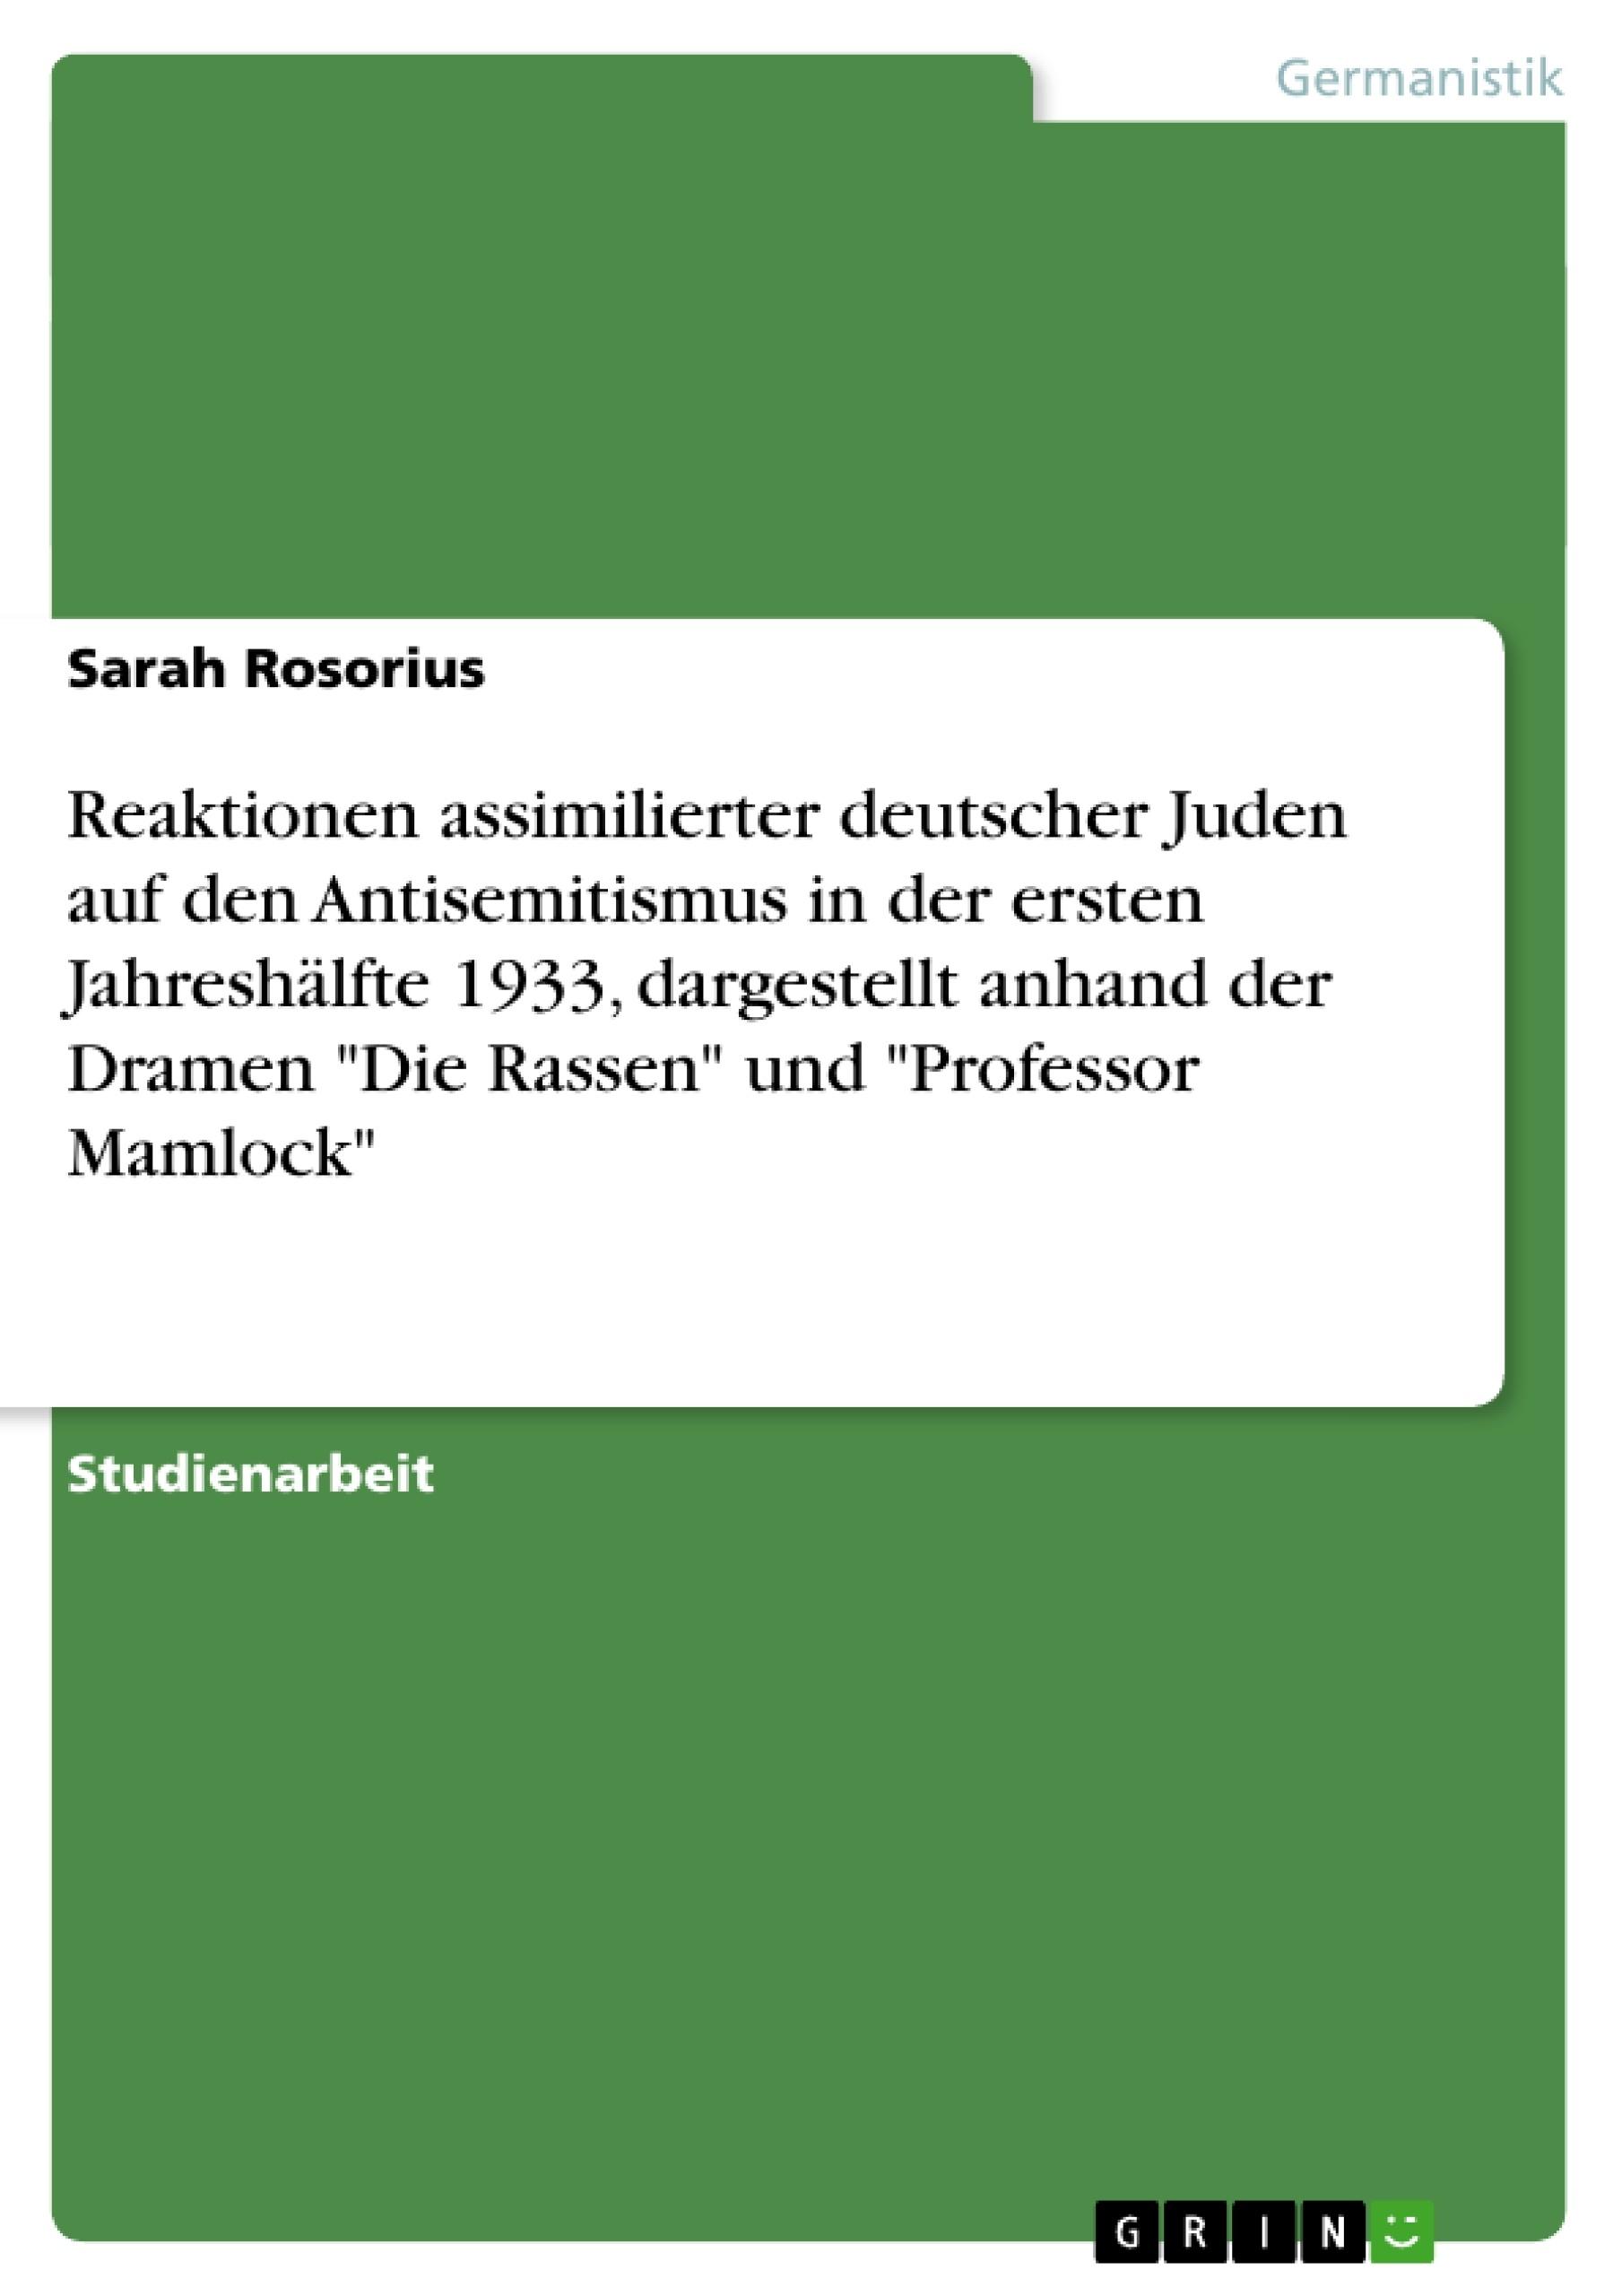 """Titel: Reaktionen assimilierter deutscher Juden auf den Antisemitismus in der ersten Jahreshälfte 1933, dargestellt anhand der Dramen """"Die Rassen"""" und """"Professor Mamlock"""""""